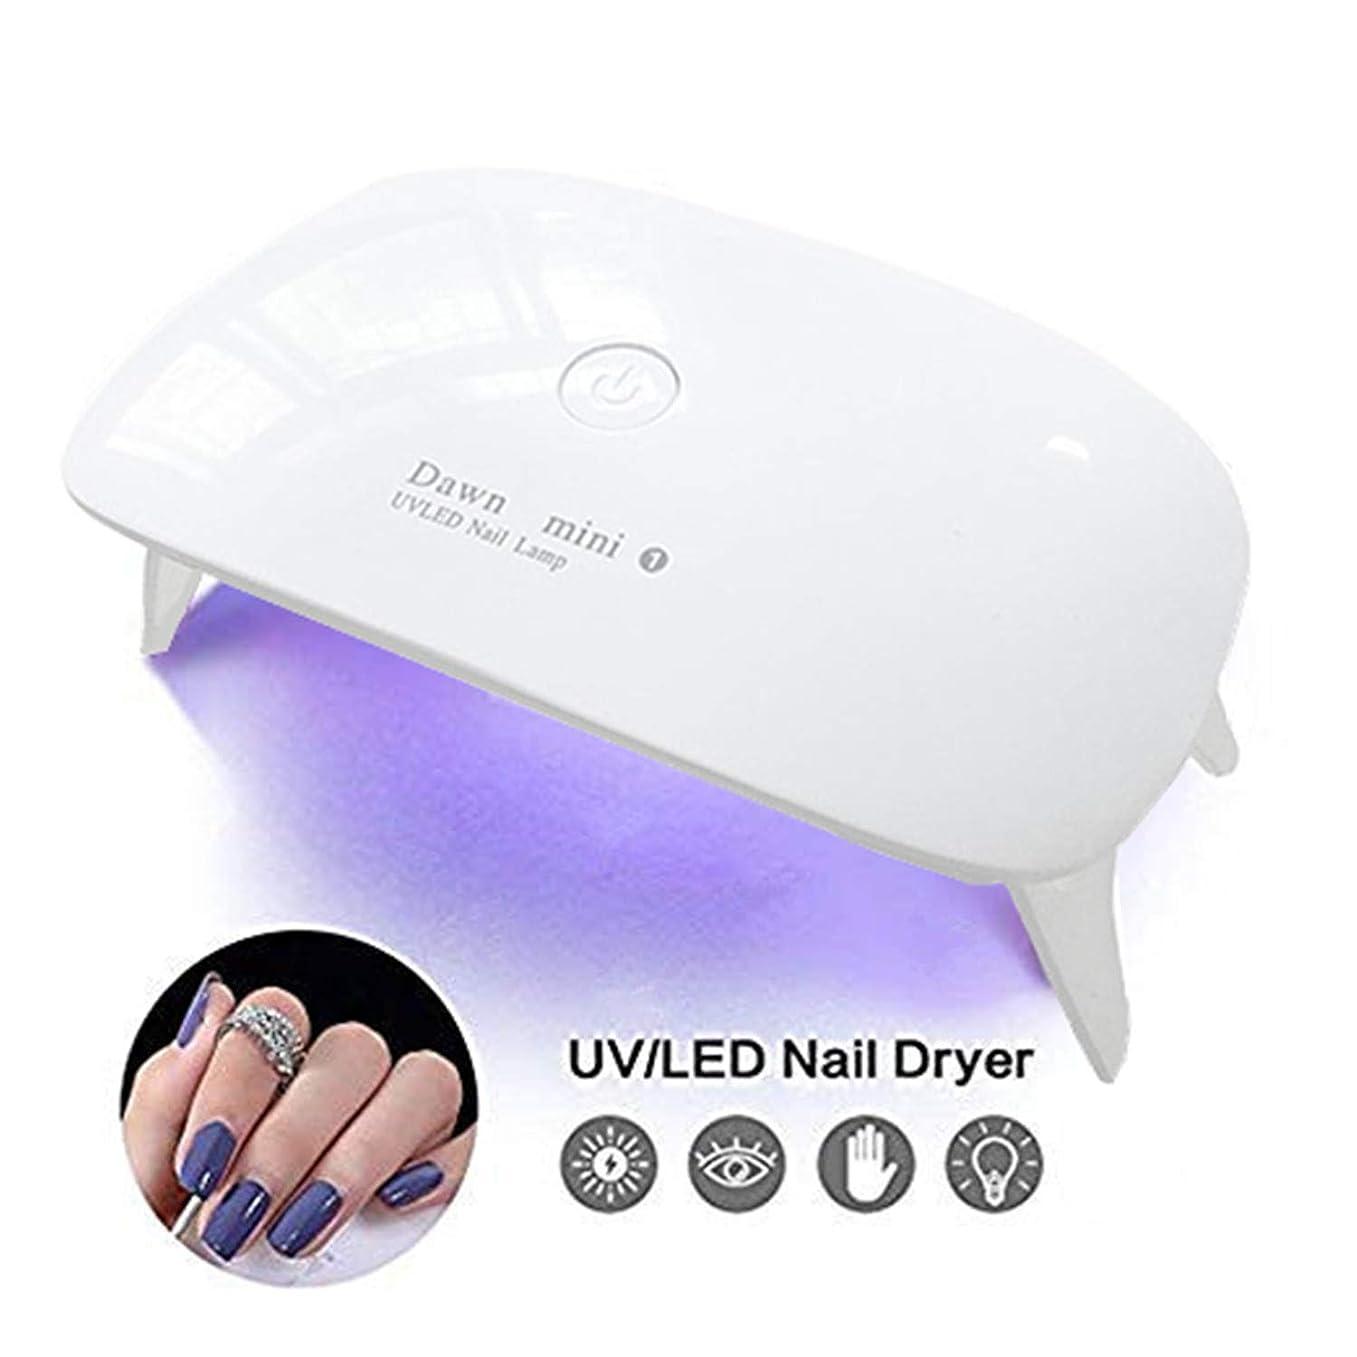 裁定しなやかステンレスUVライト LEDネイルドライヤー ジェルネイルLEDライト 硬化ライト タイマー設定可能 折りたたみ式手足とも使える UV と LEDダブルライト ジェルネイル用 ホワイト 日本語説明書付き